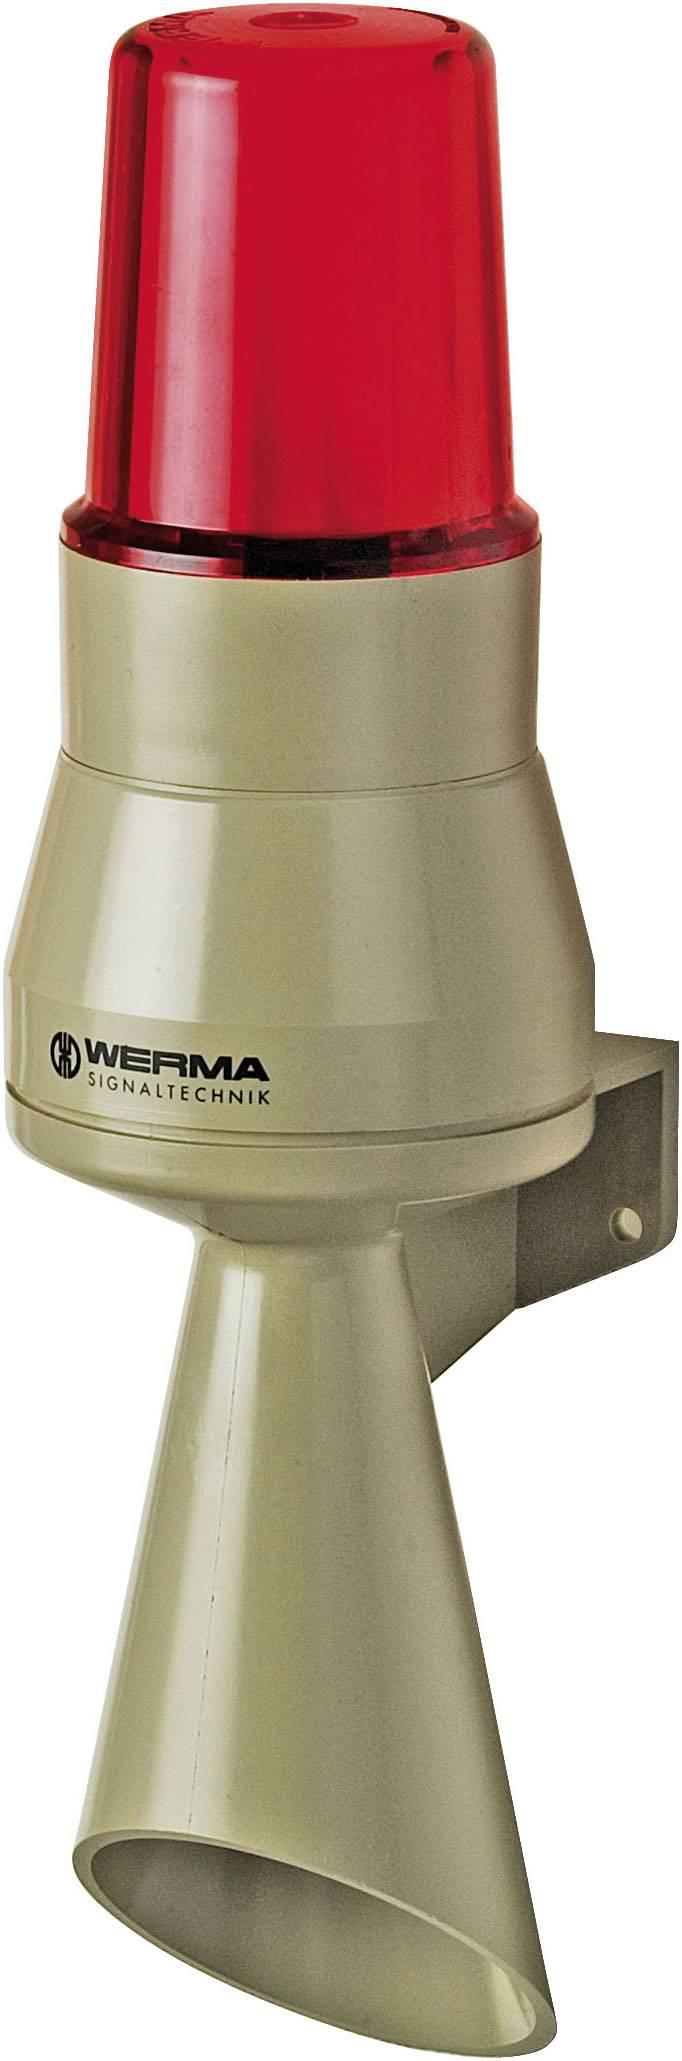 Siréna s výstražným světlem Werma 580.152.55, 24 V/DC, červená